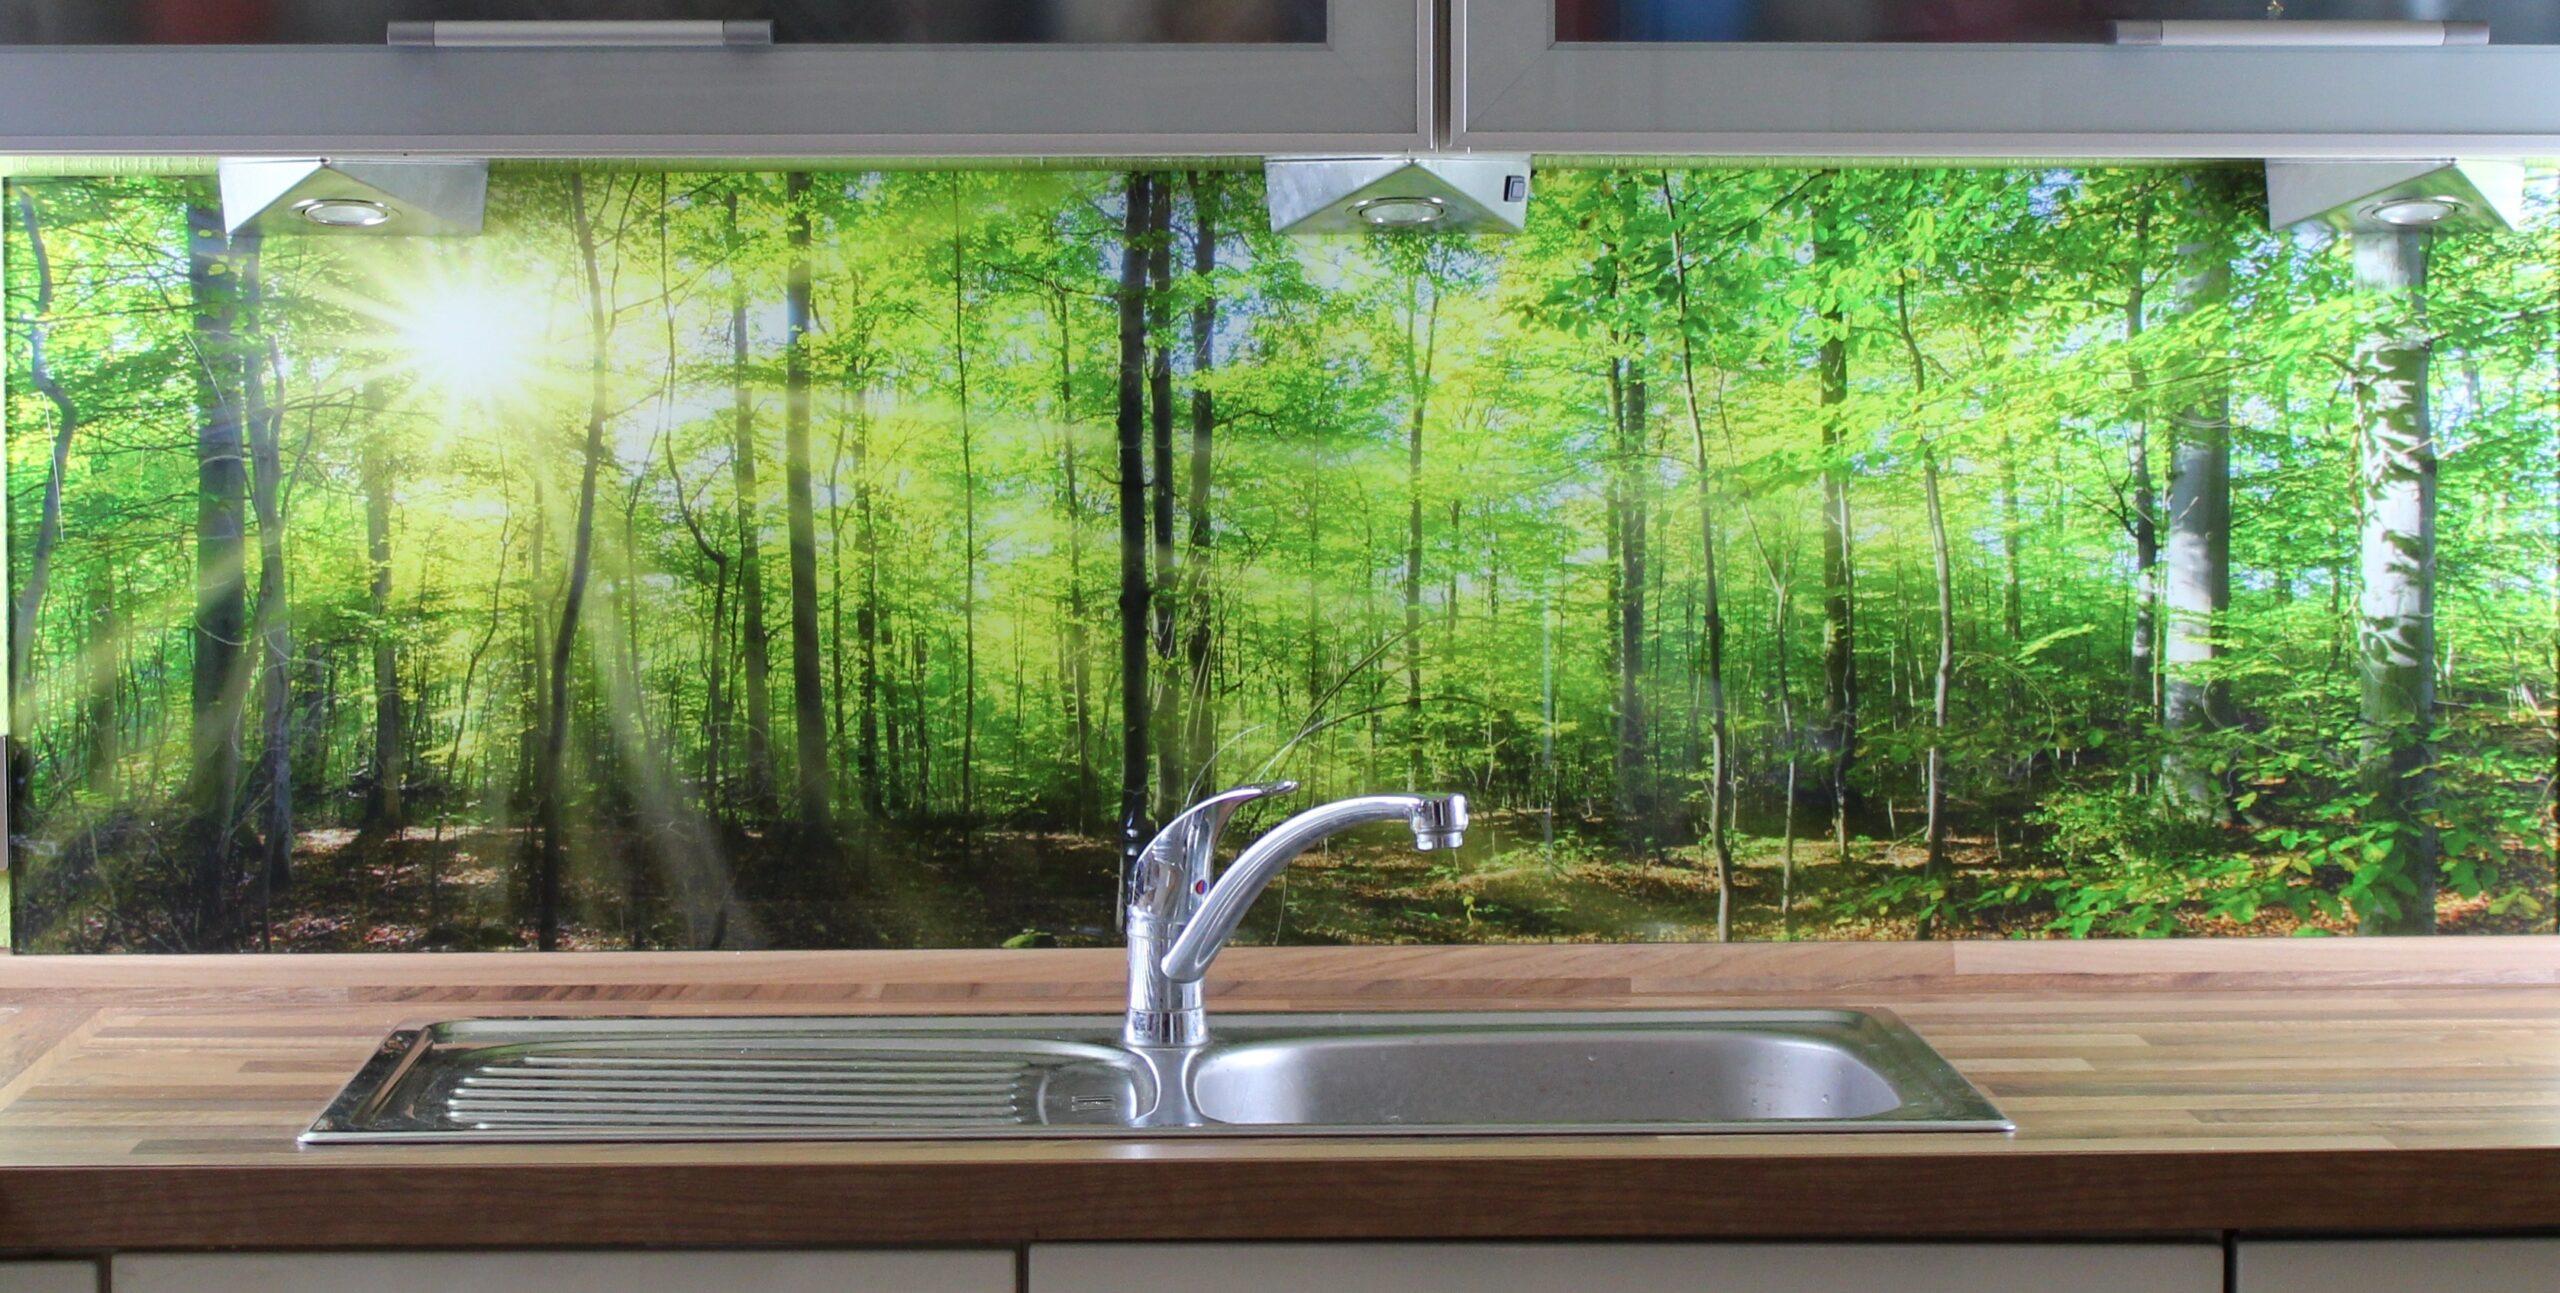 Full Size of Küchen Glasbilder Kchenrckwand Kaufen Einscheibensicherheitsglas Esg Glasbild 6mm Regal Bad Küche Wohnzimmer Küchen Glasbilder